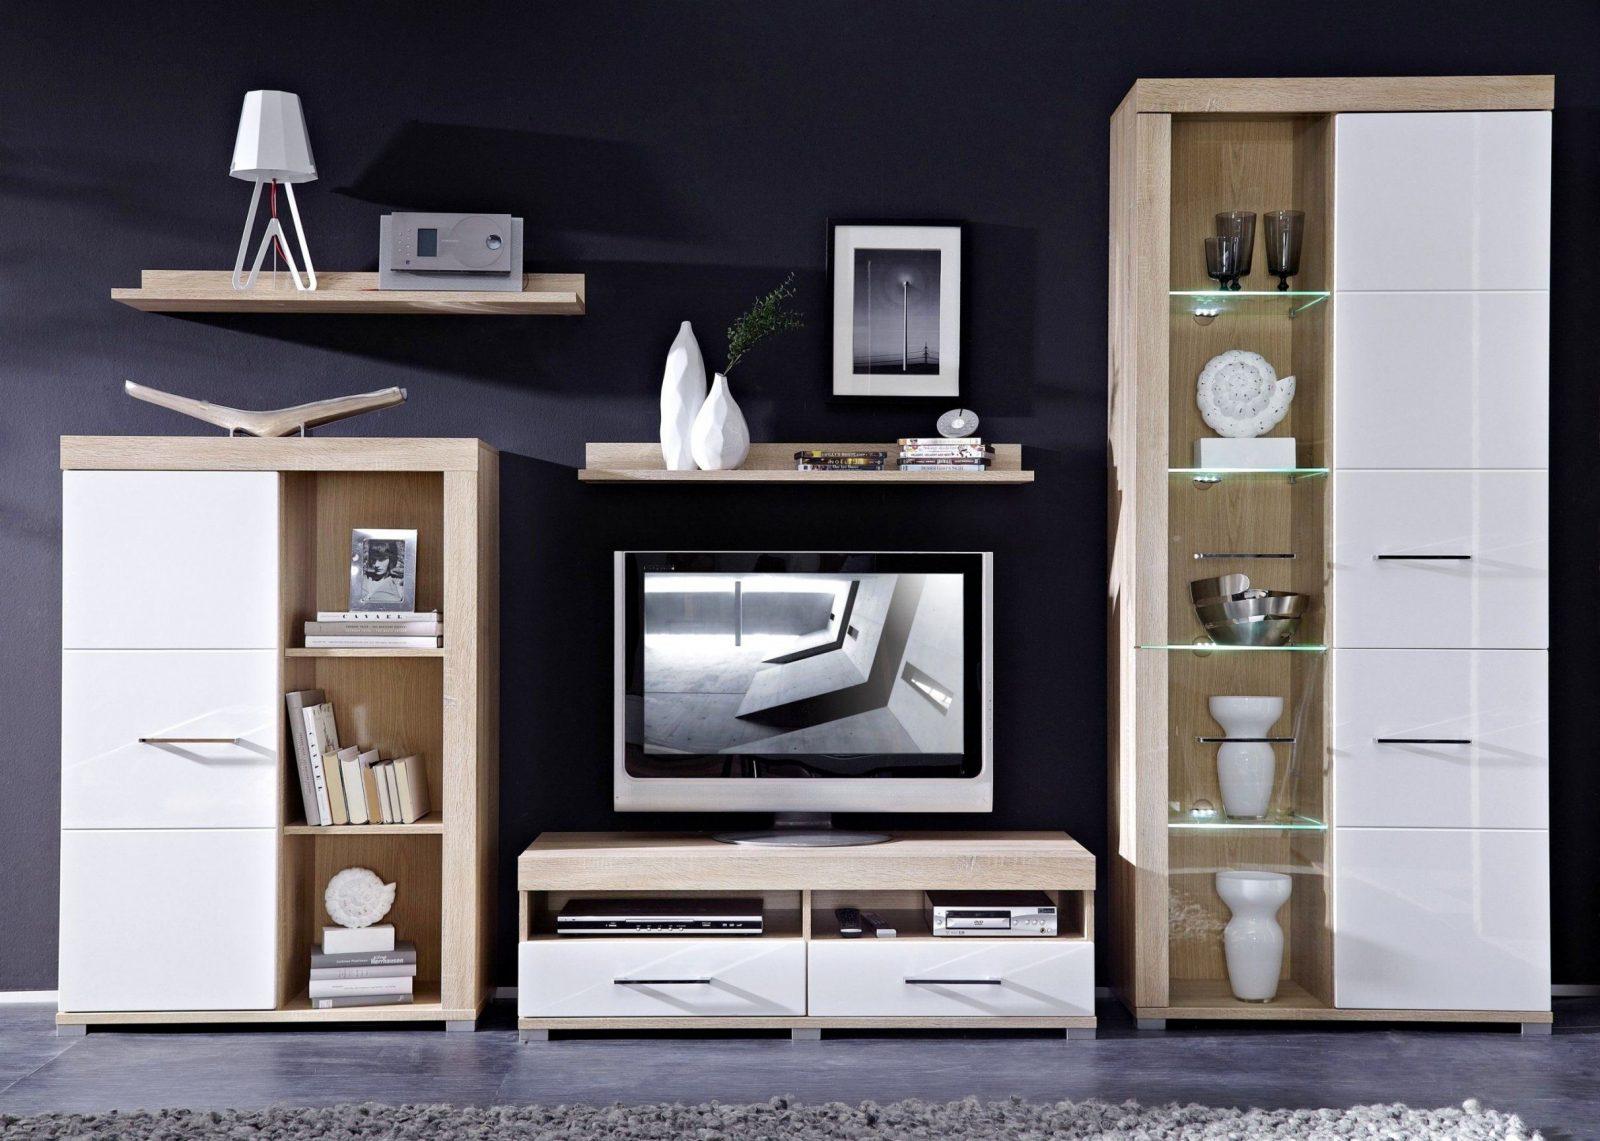 Schön Wohnwand Helles Holz Weiß Für Günstige Wohnwand  Wohnzimmer Ideen von Wohnwand Unter 100 Euro Photo